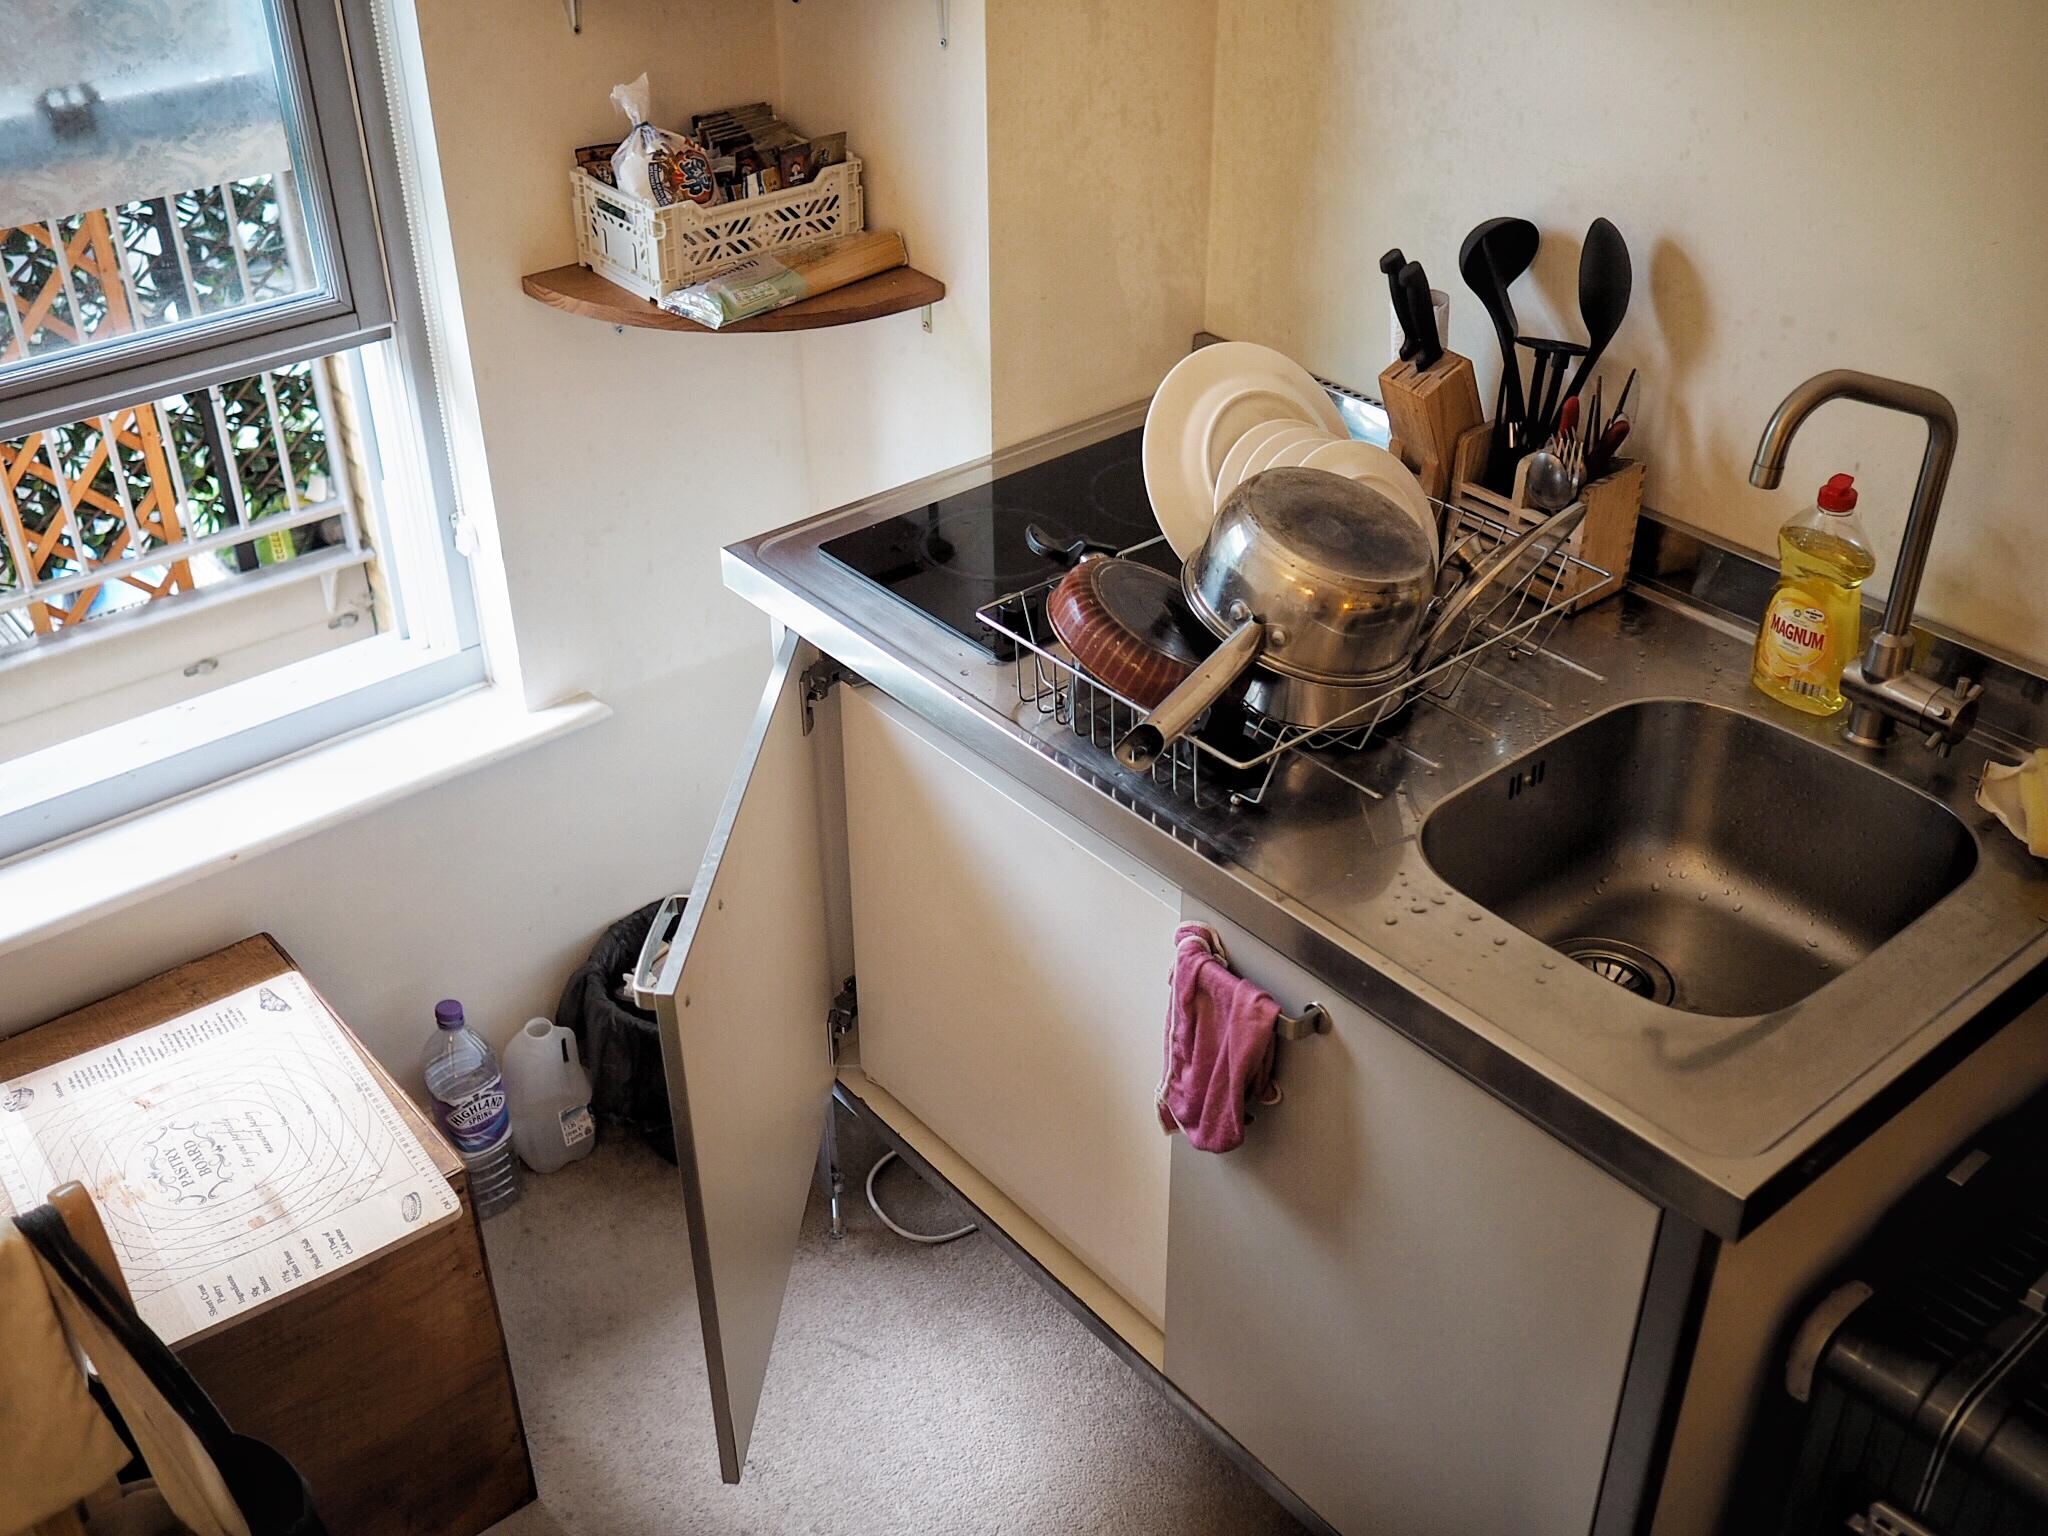 廚房一切都在這了, 包含電子爐下方的迷你小冰箱。